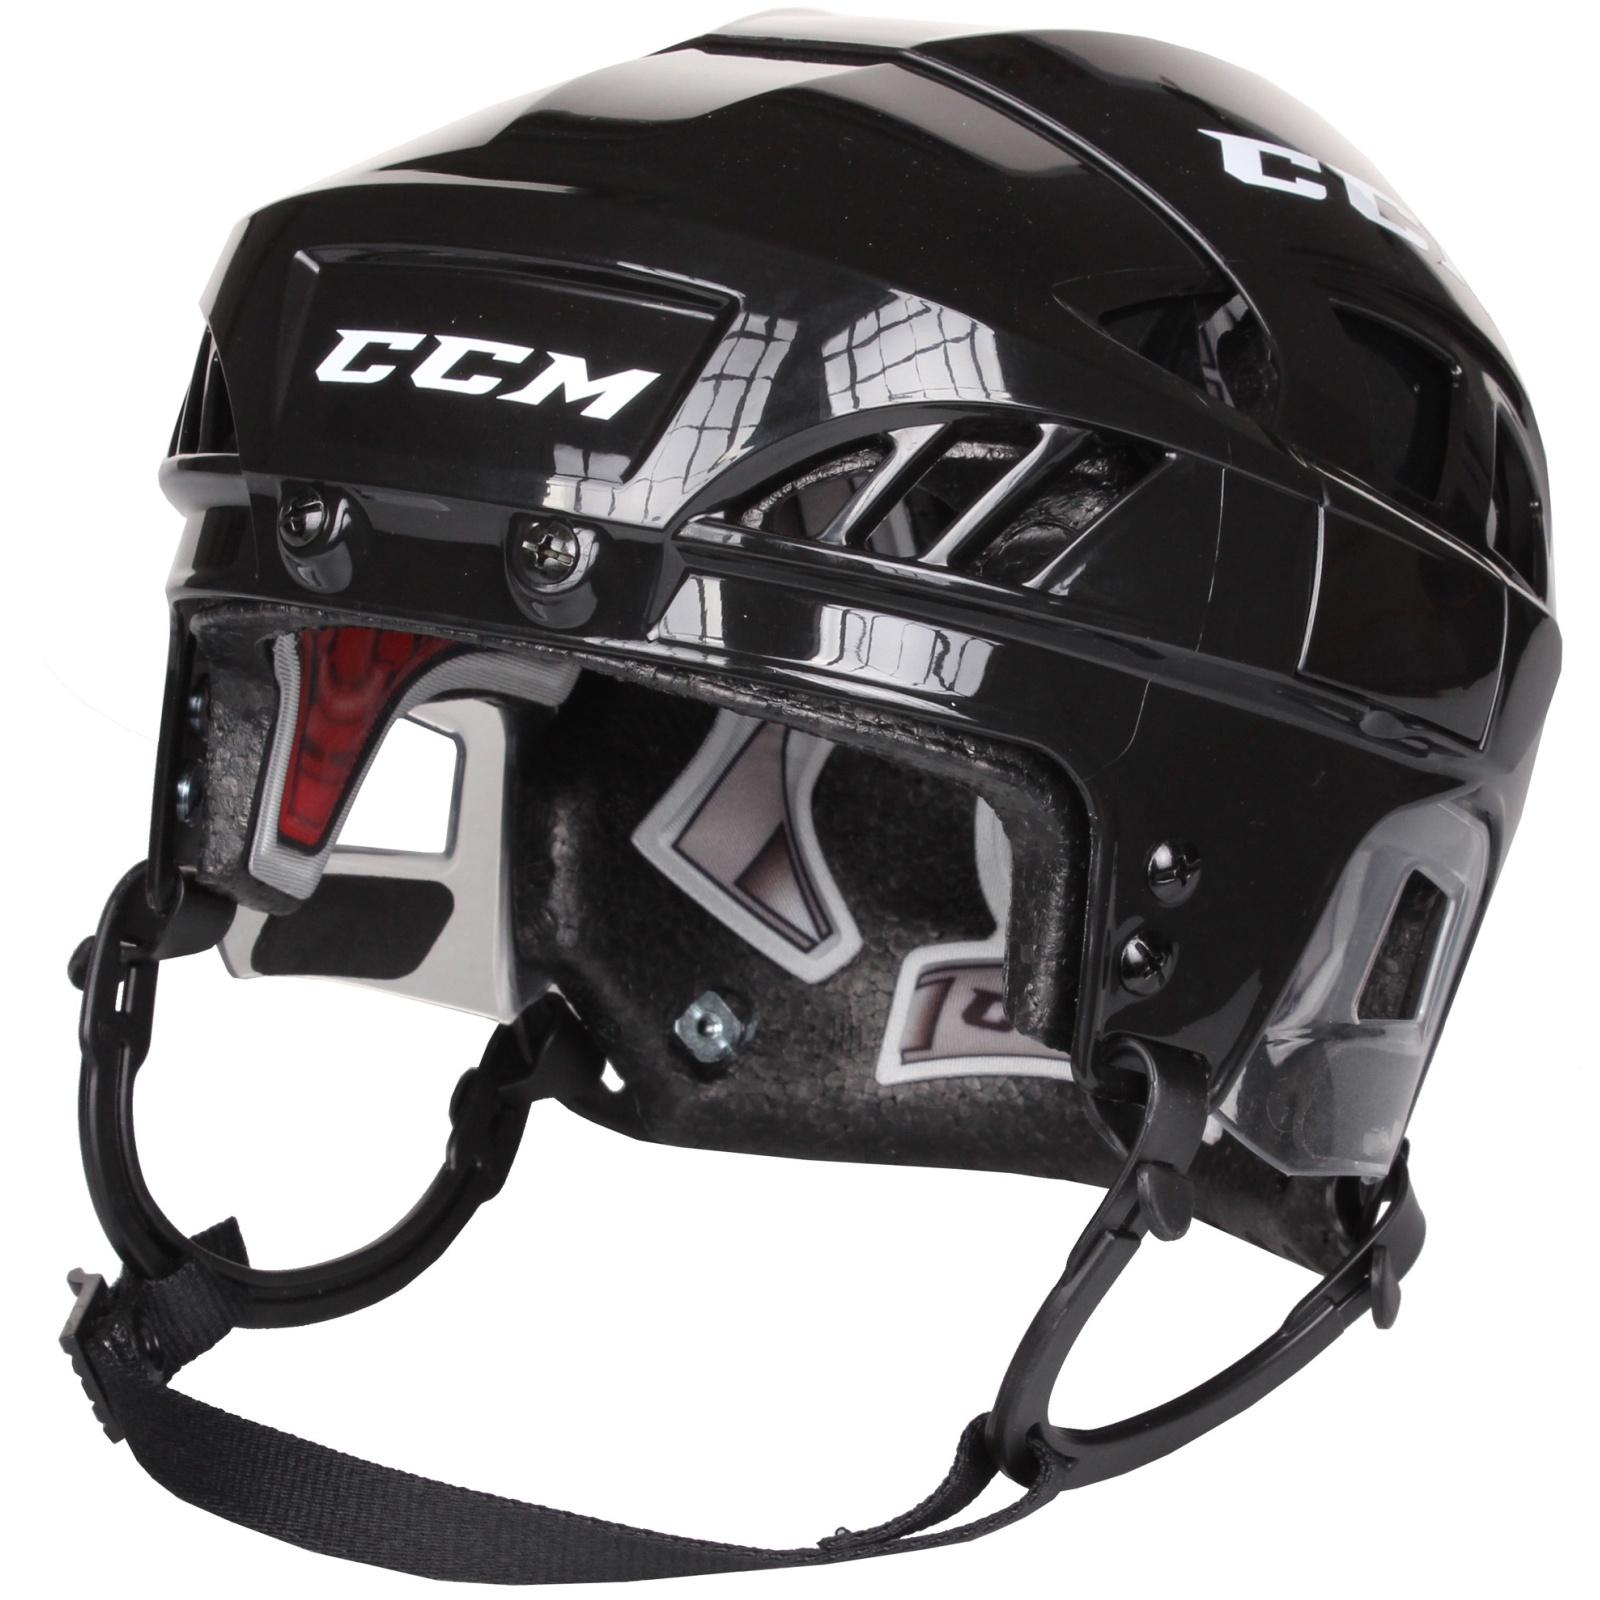 Hokejová helma CCM FitLite 80 černá - vel. S